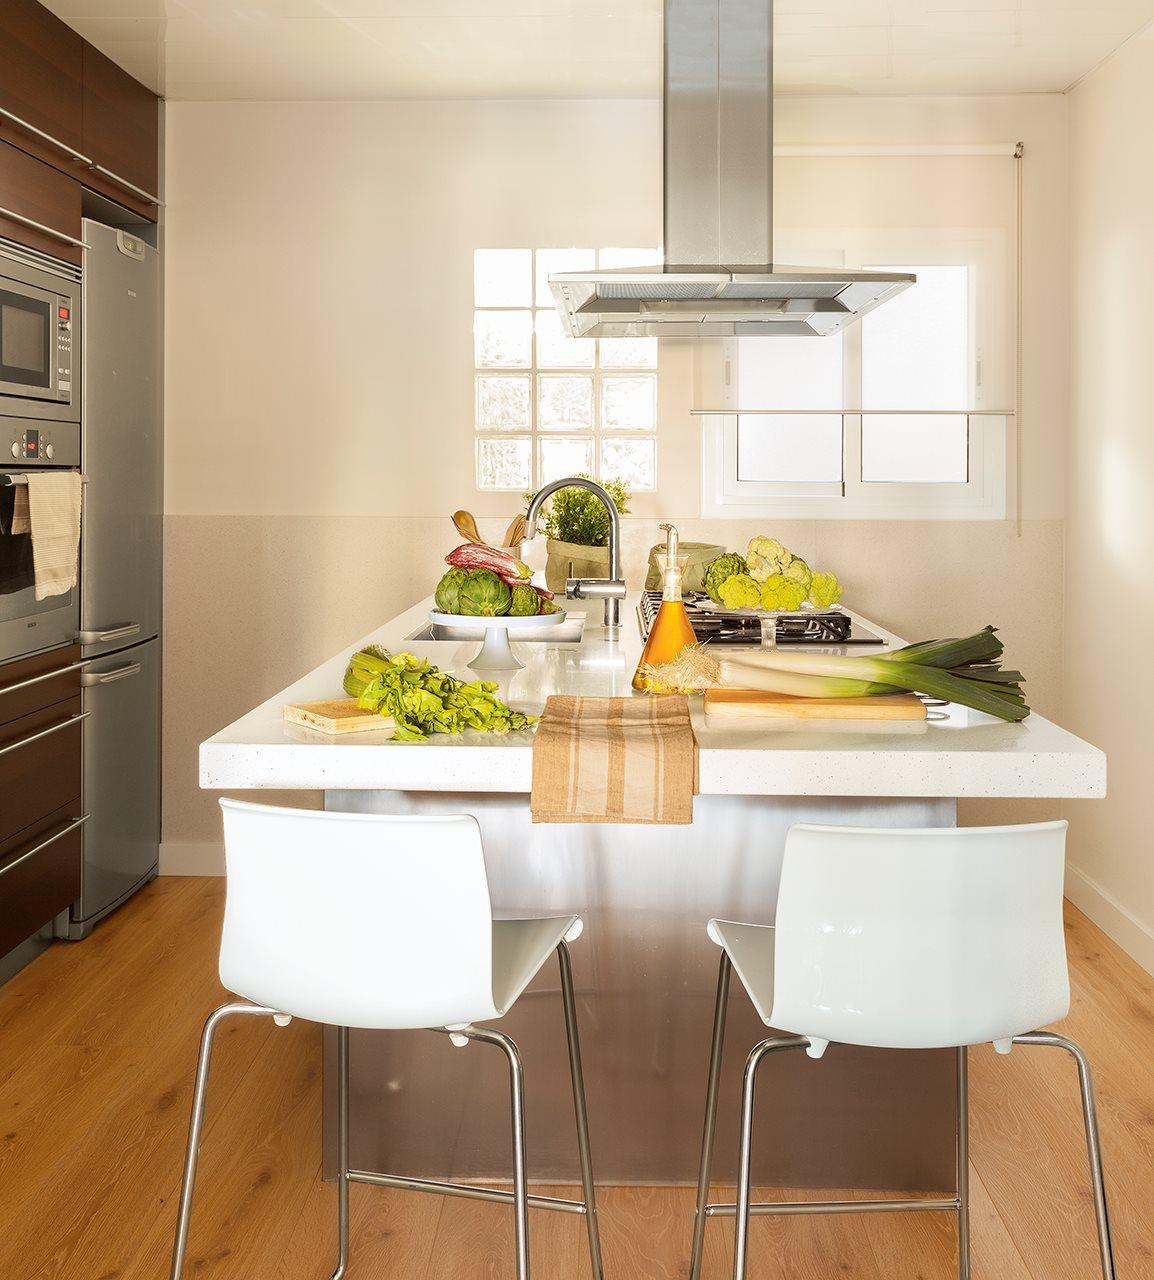 Cocina con zona de desayuno en la isla. Cocina blanca con una isla con dos taburetes